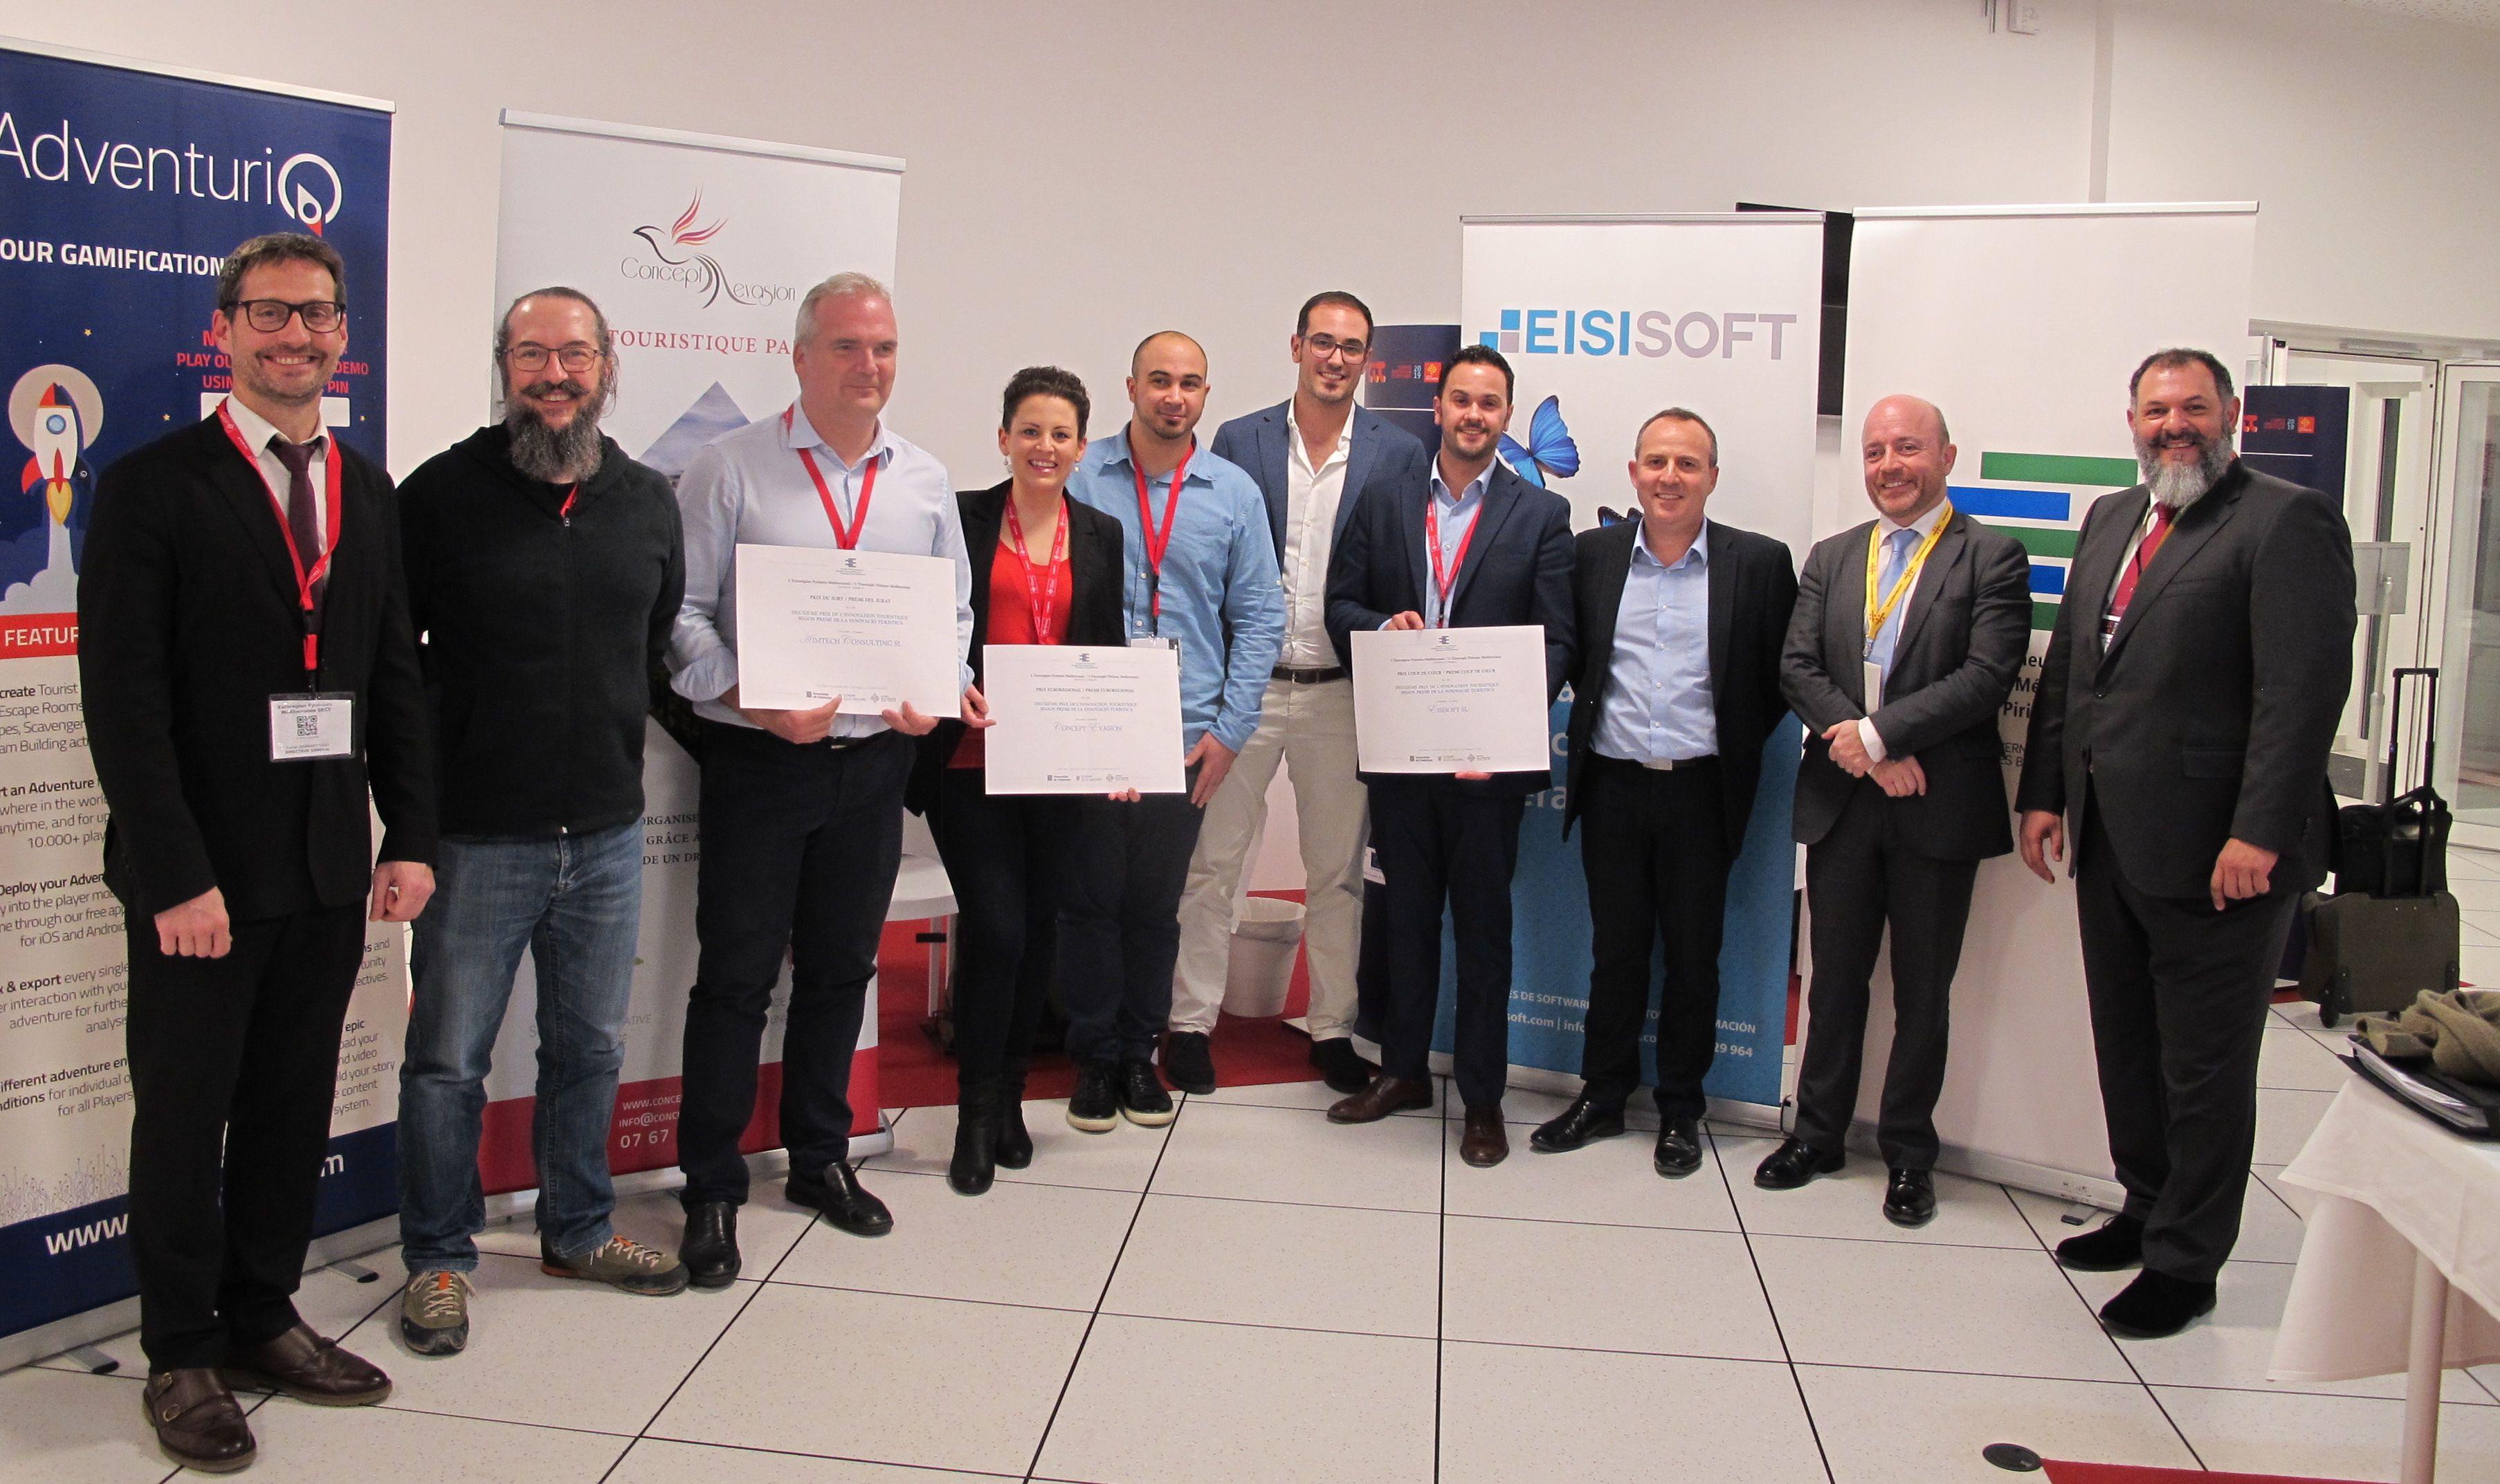 EISI SOFT entre los ganadores de los premios de innovación turística 2019 de la Eurorregión Pirineos Mediterránea.